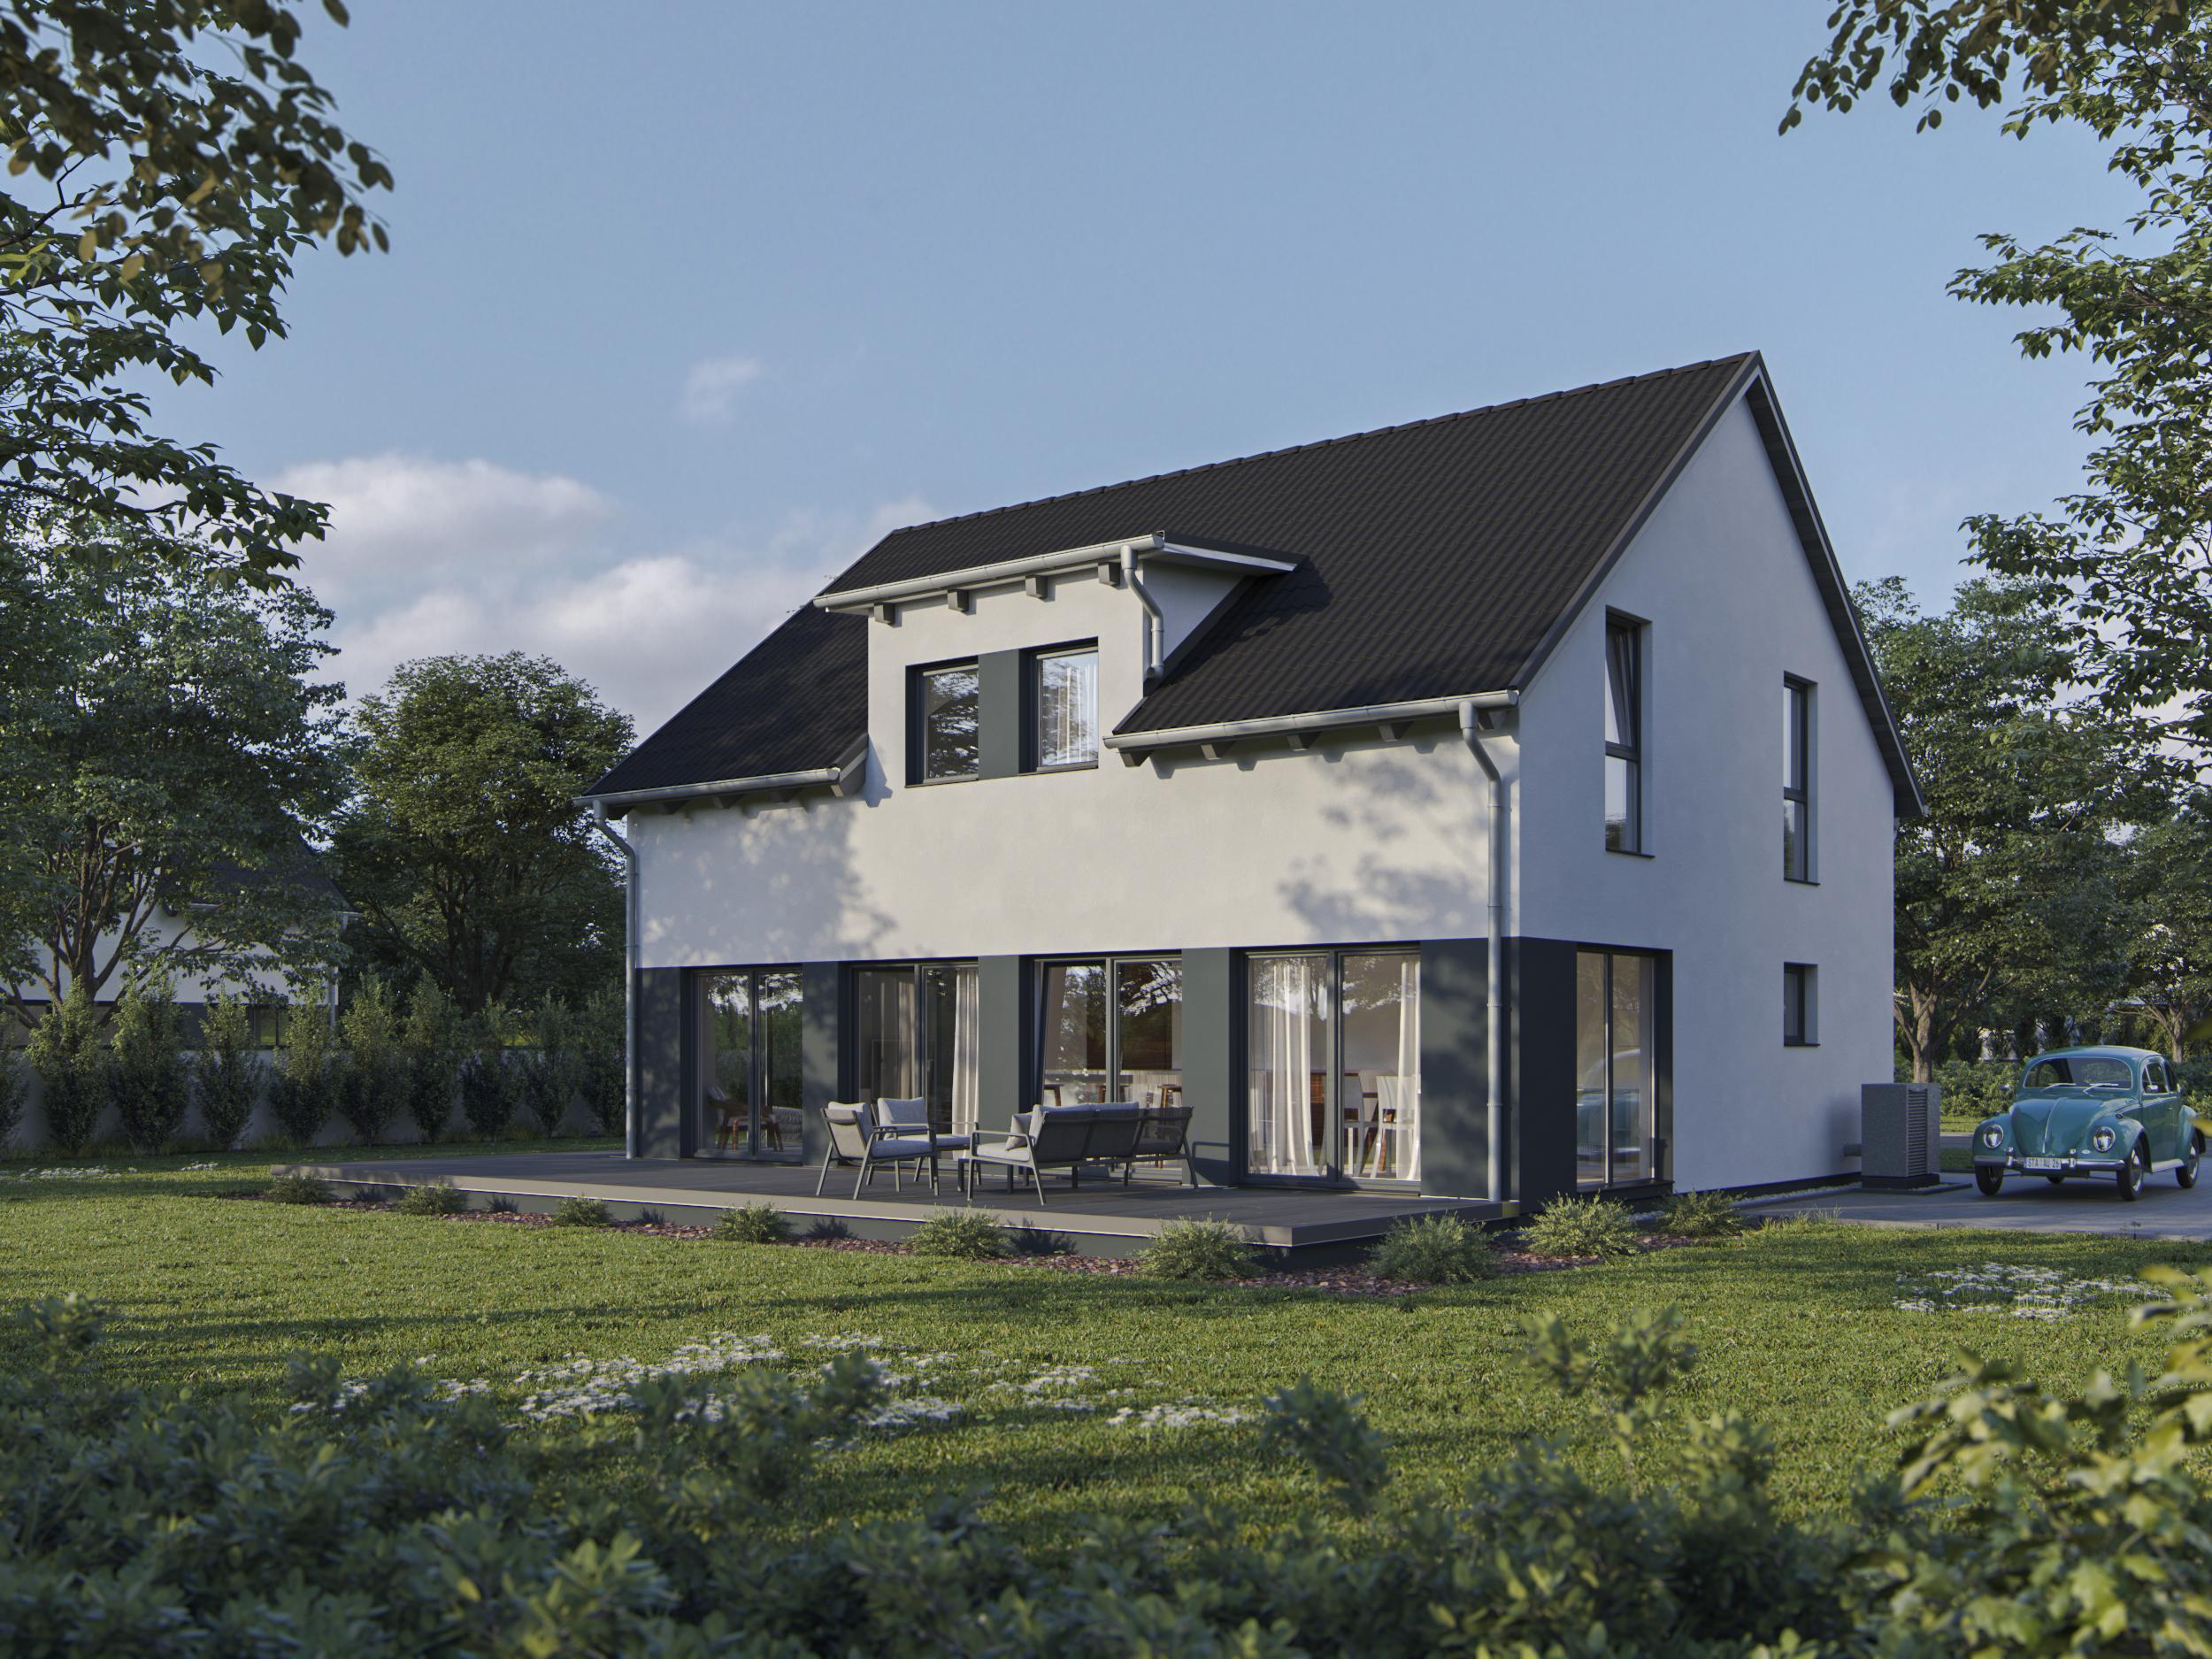 Glasfront Haus Preise : chausseestra e 157 gmbh co kg ~ Sanjose-hotels-ca.com Haus und Dekorationen